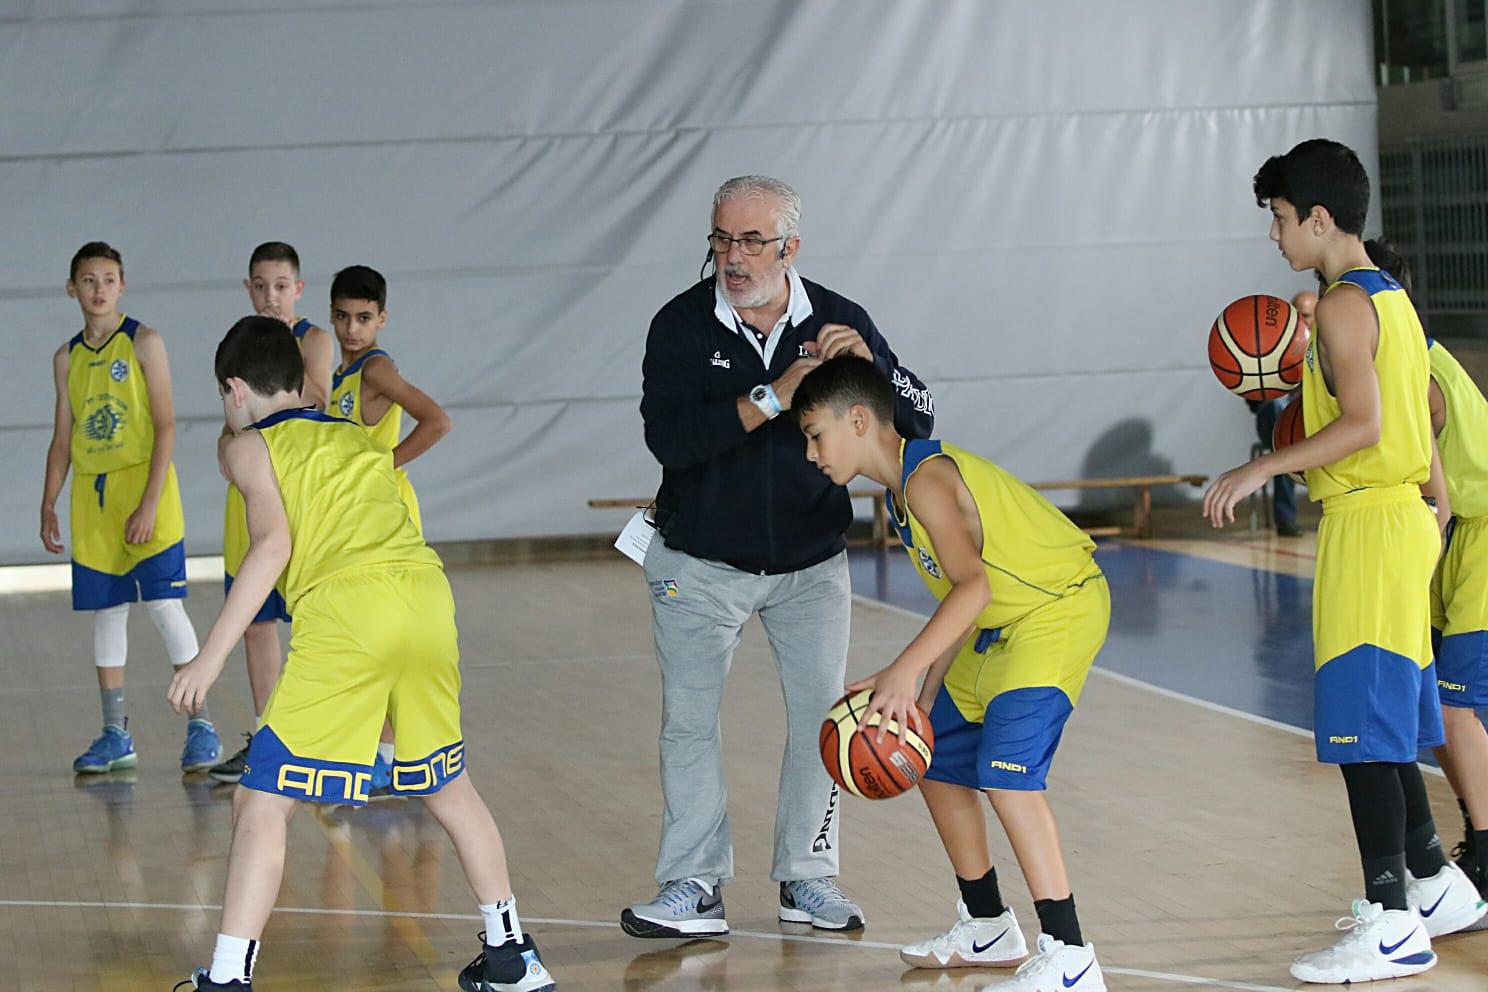 """220 הגיעו להשתלמות ע""""ש יהושע  רוזין בנושא אימון והדרכת ילדים בכדורסל"""